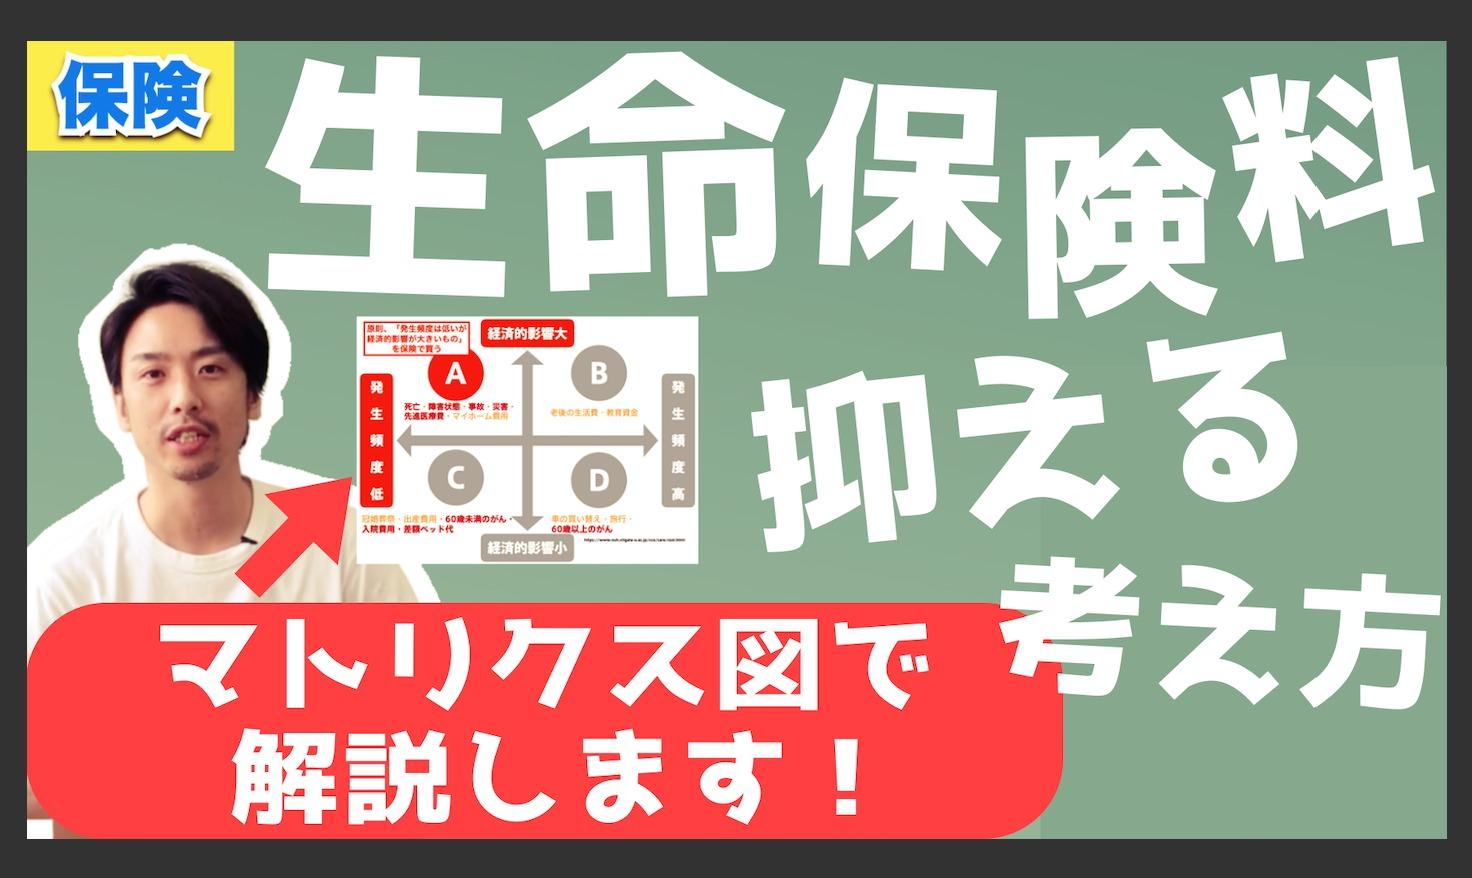 保険に3万円は払い過ぎ!?医療費は保険ではなく資産で備える!